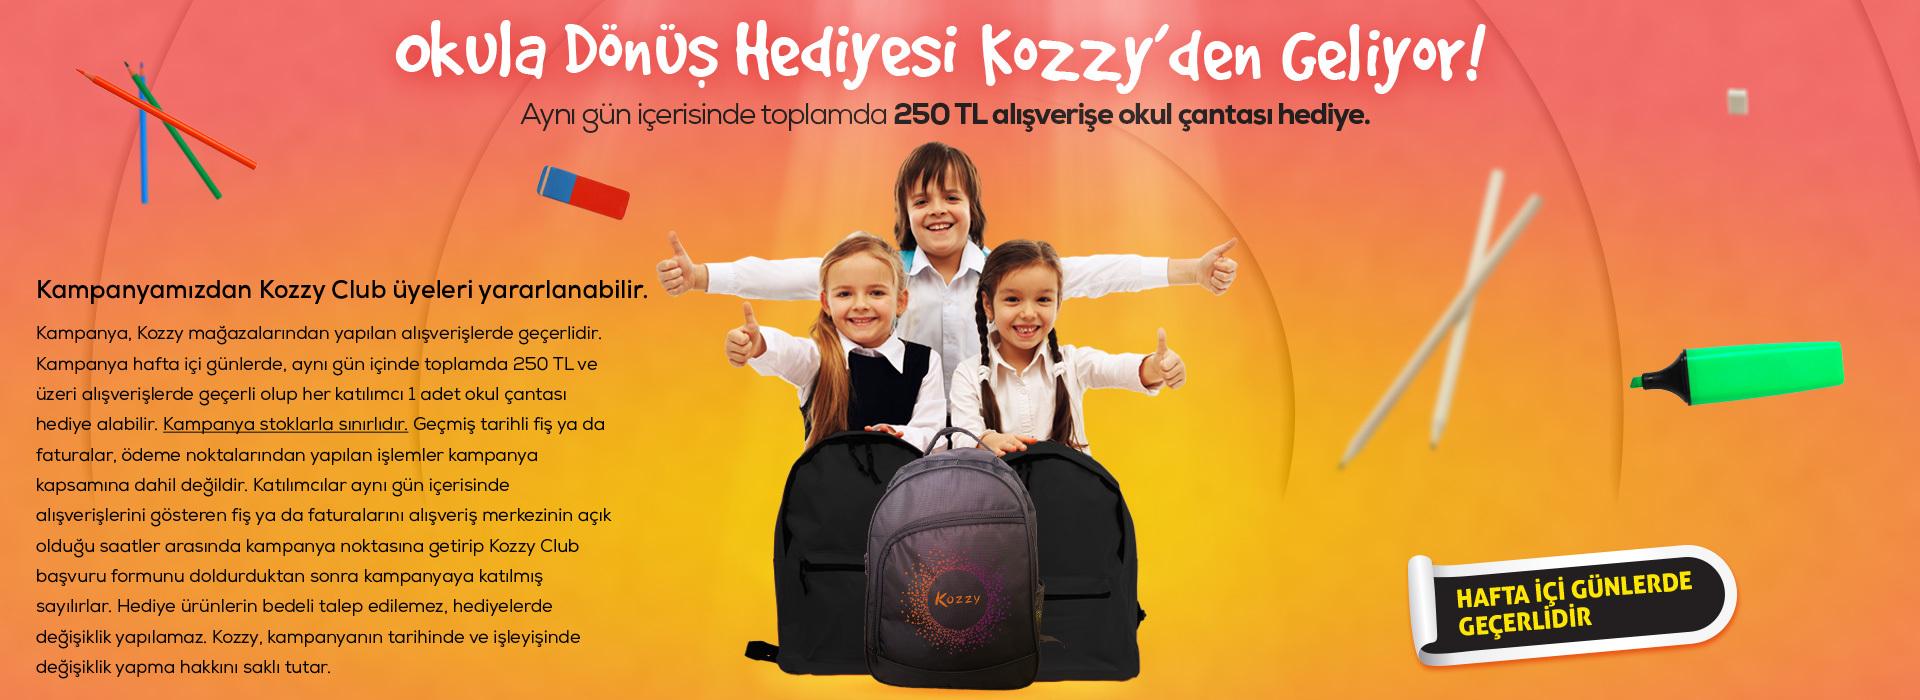 Okula Dönüş Hediyesi Kozzy'den Geliyor!